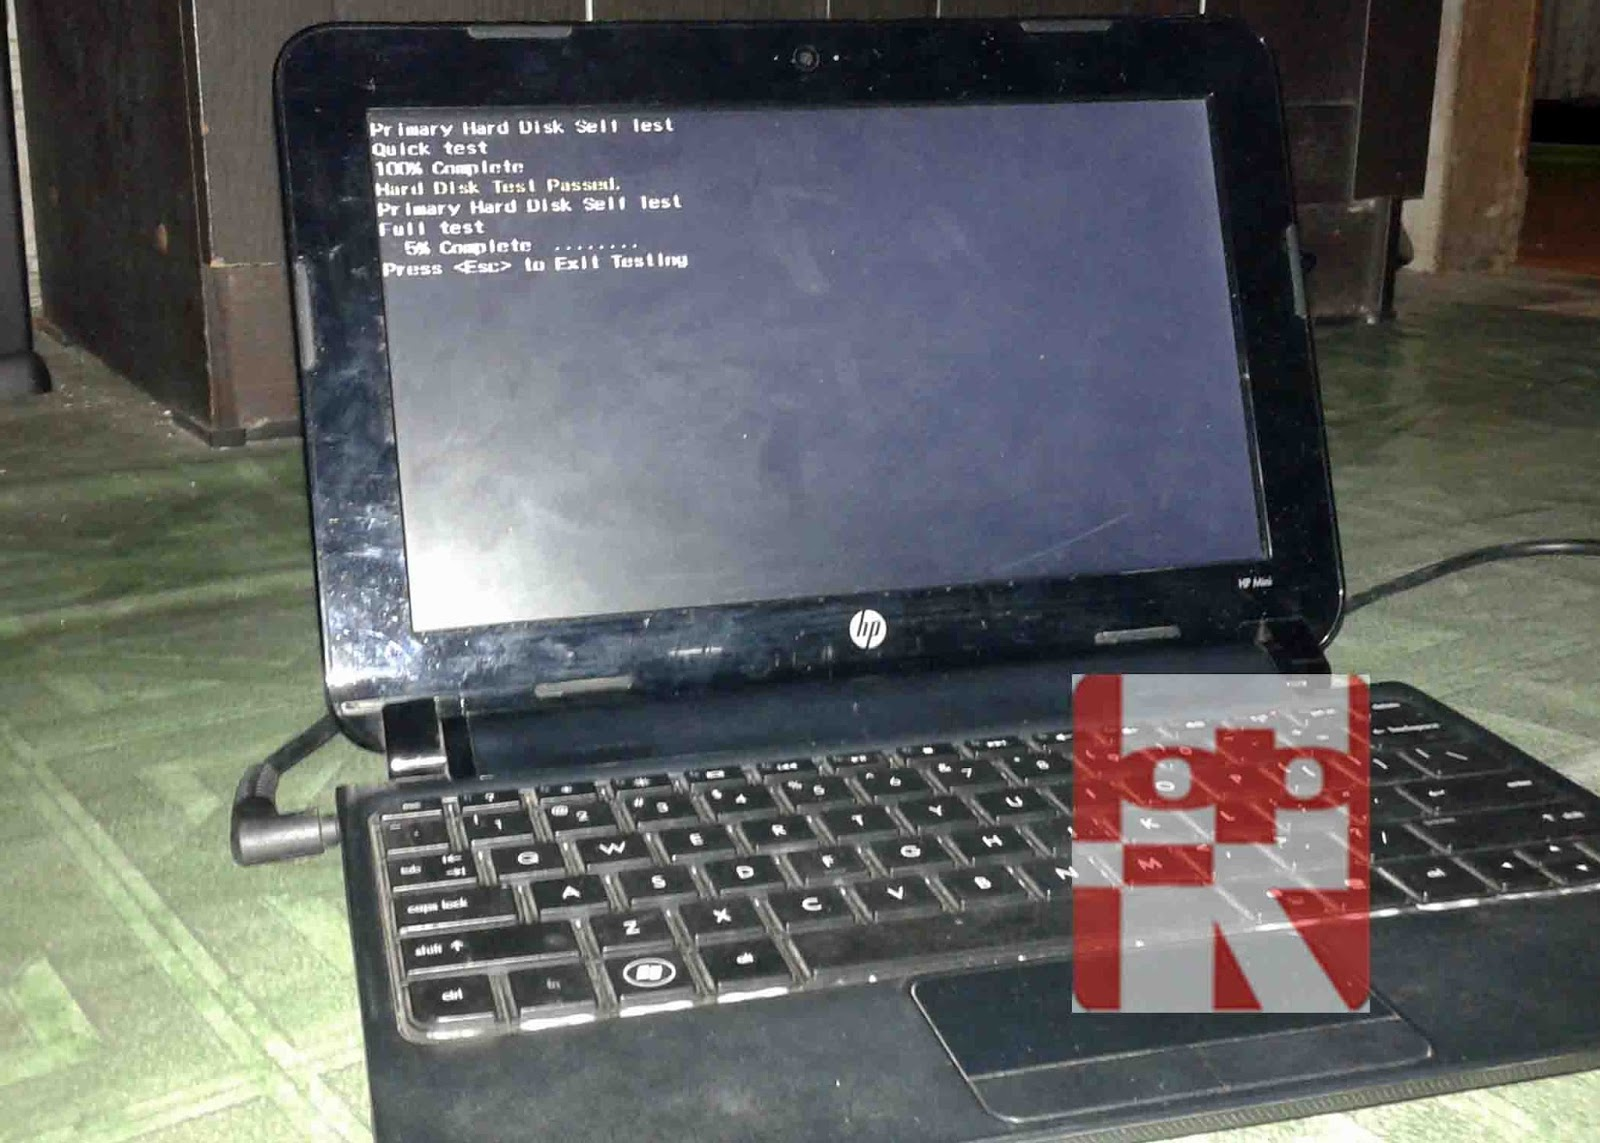 Mengatasi Masalah Notebook Hp Mini Yang Tidak Bisa Dinyalakan Root93 Co Id Computer Networking Web Programming